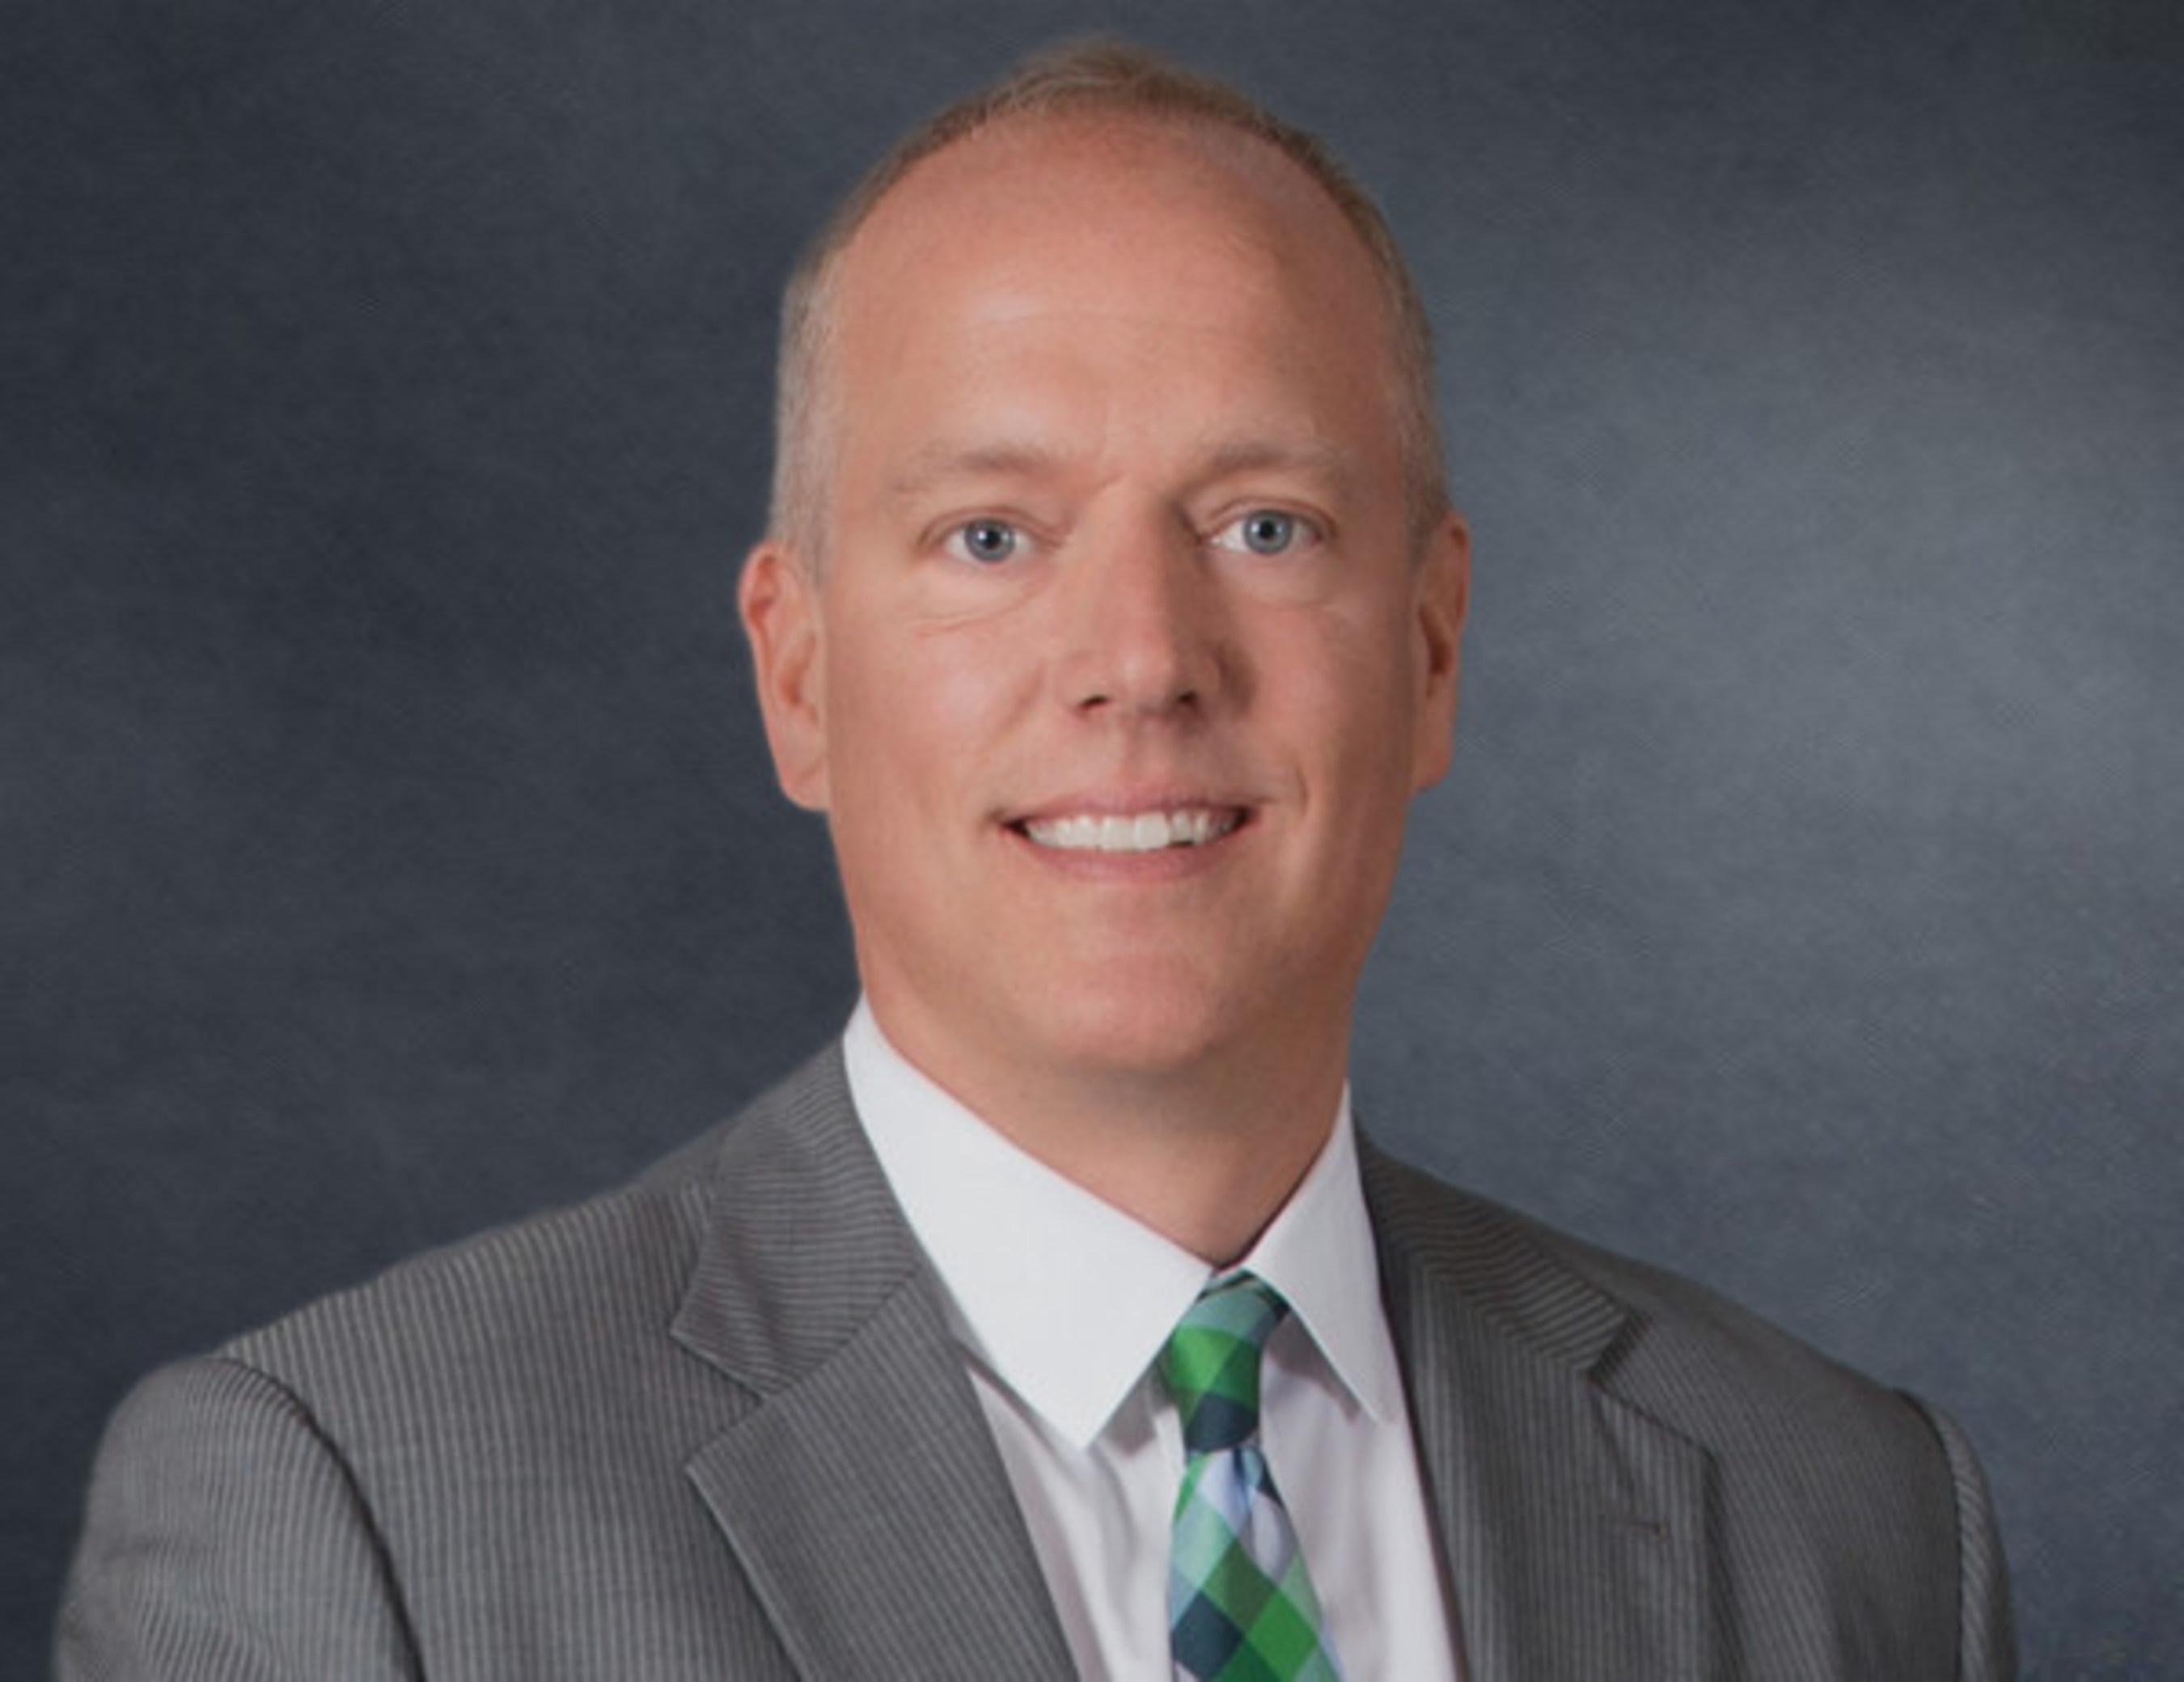 Stefan Thielen, Wealth Advisor